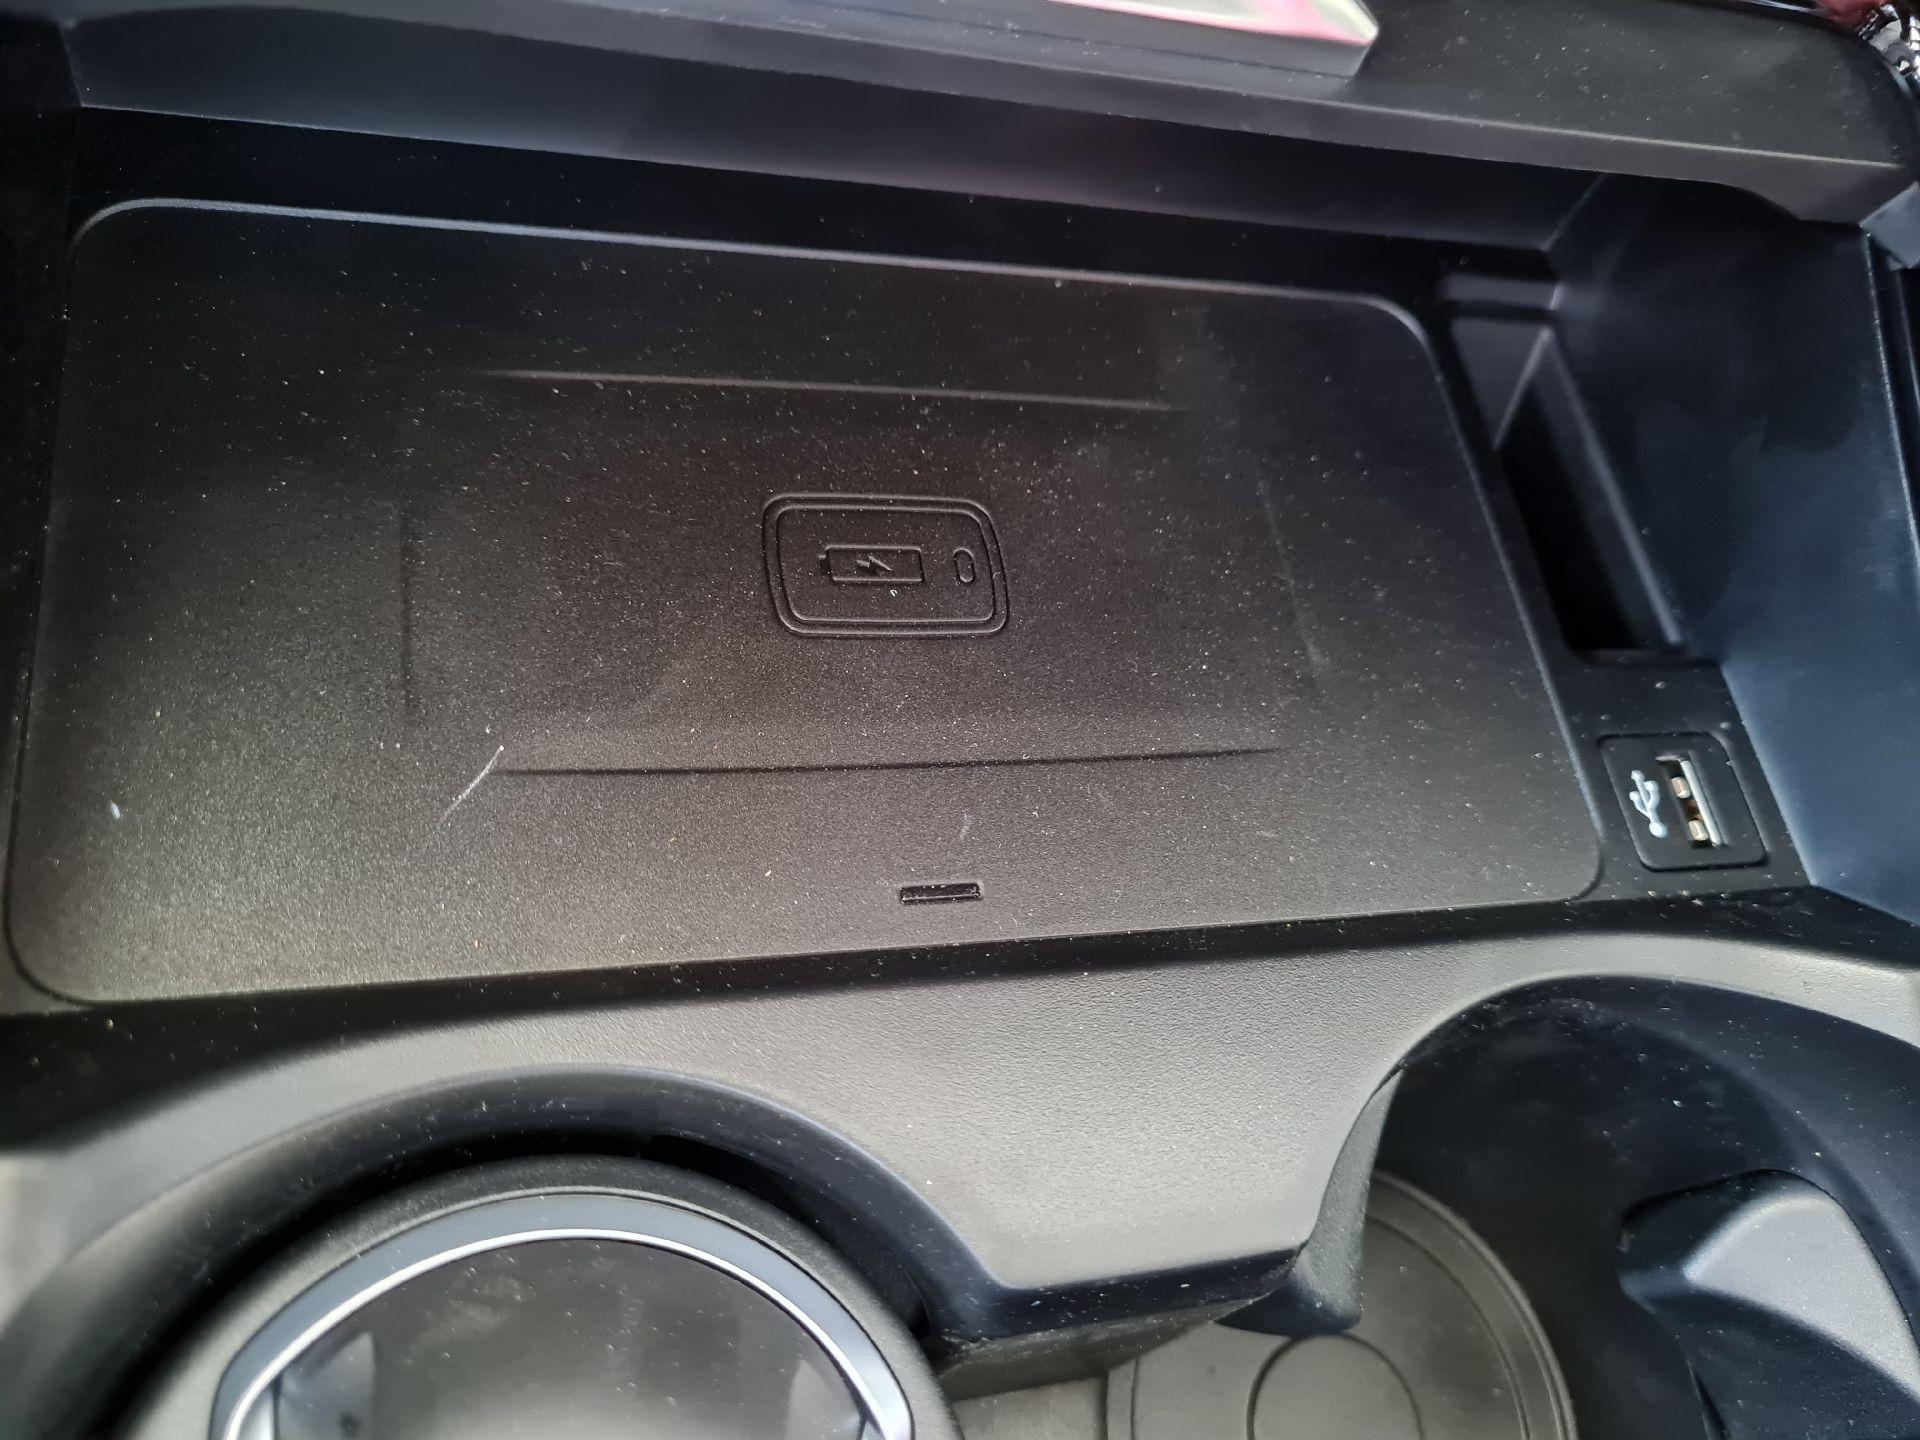 BMW الفئة X 4 xDrive 30i 2021 فل خليجي للبيع في الرياض - السعودية - صورة كبيرة - 13